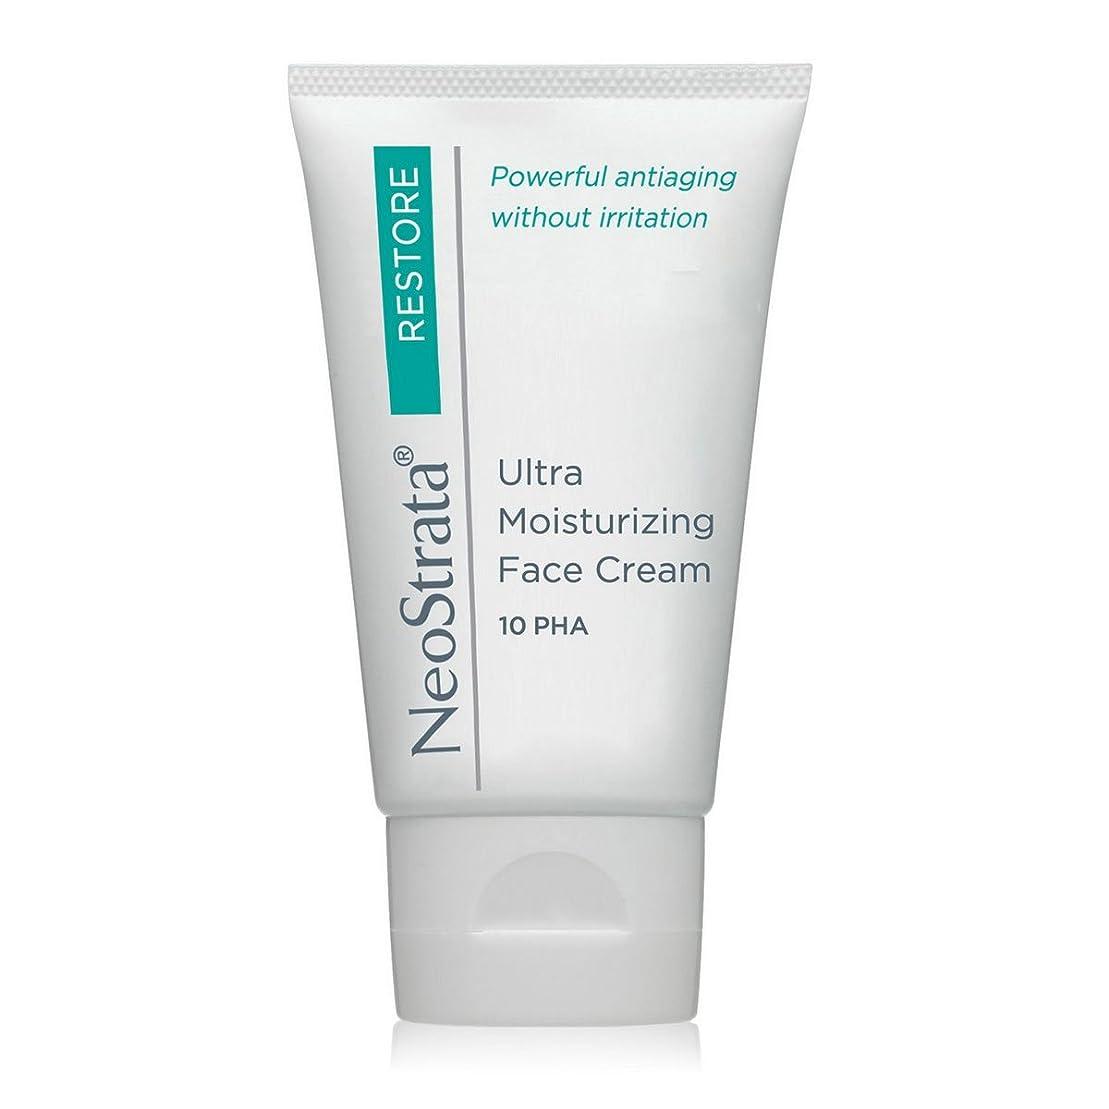 はい住所請求書Neostrata Ultra Moisturizing Antioxidant Face Cream 40g [並行輸入品]